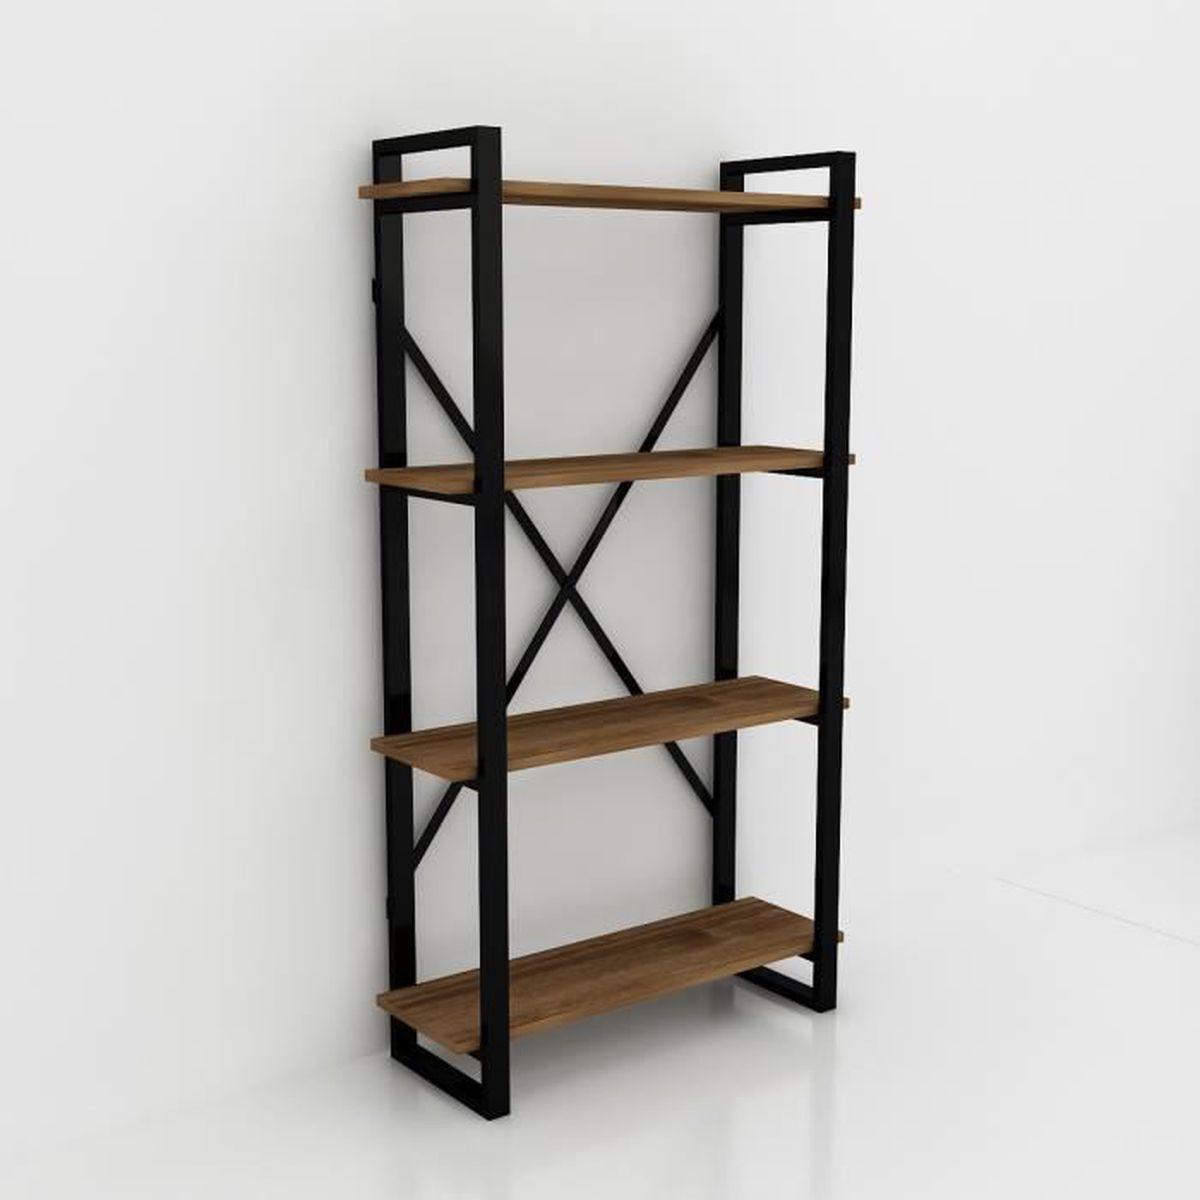 bibliotheque noire et bois achat vente pas cher. Black Bedroom Furniture Sets. Home Design Ideas